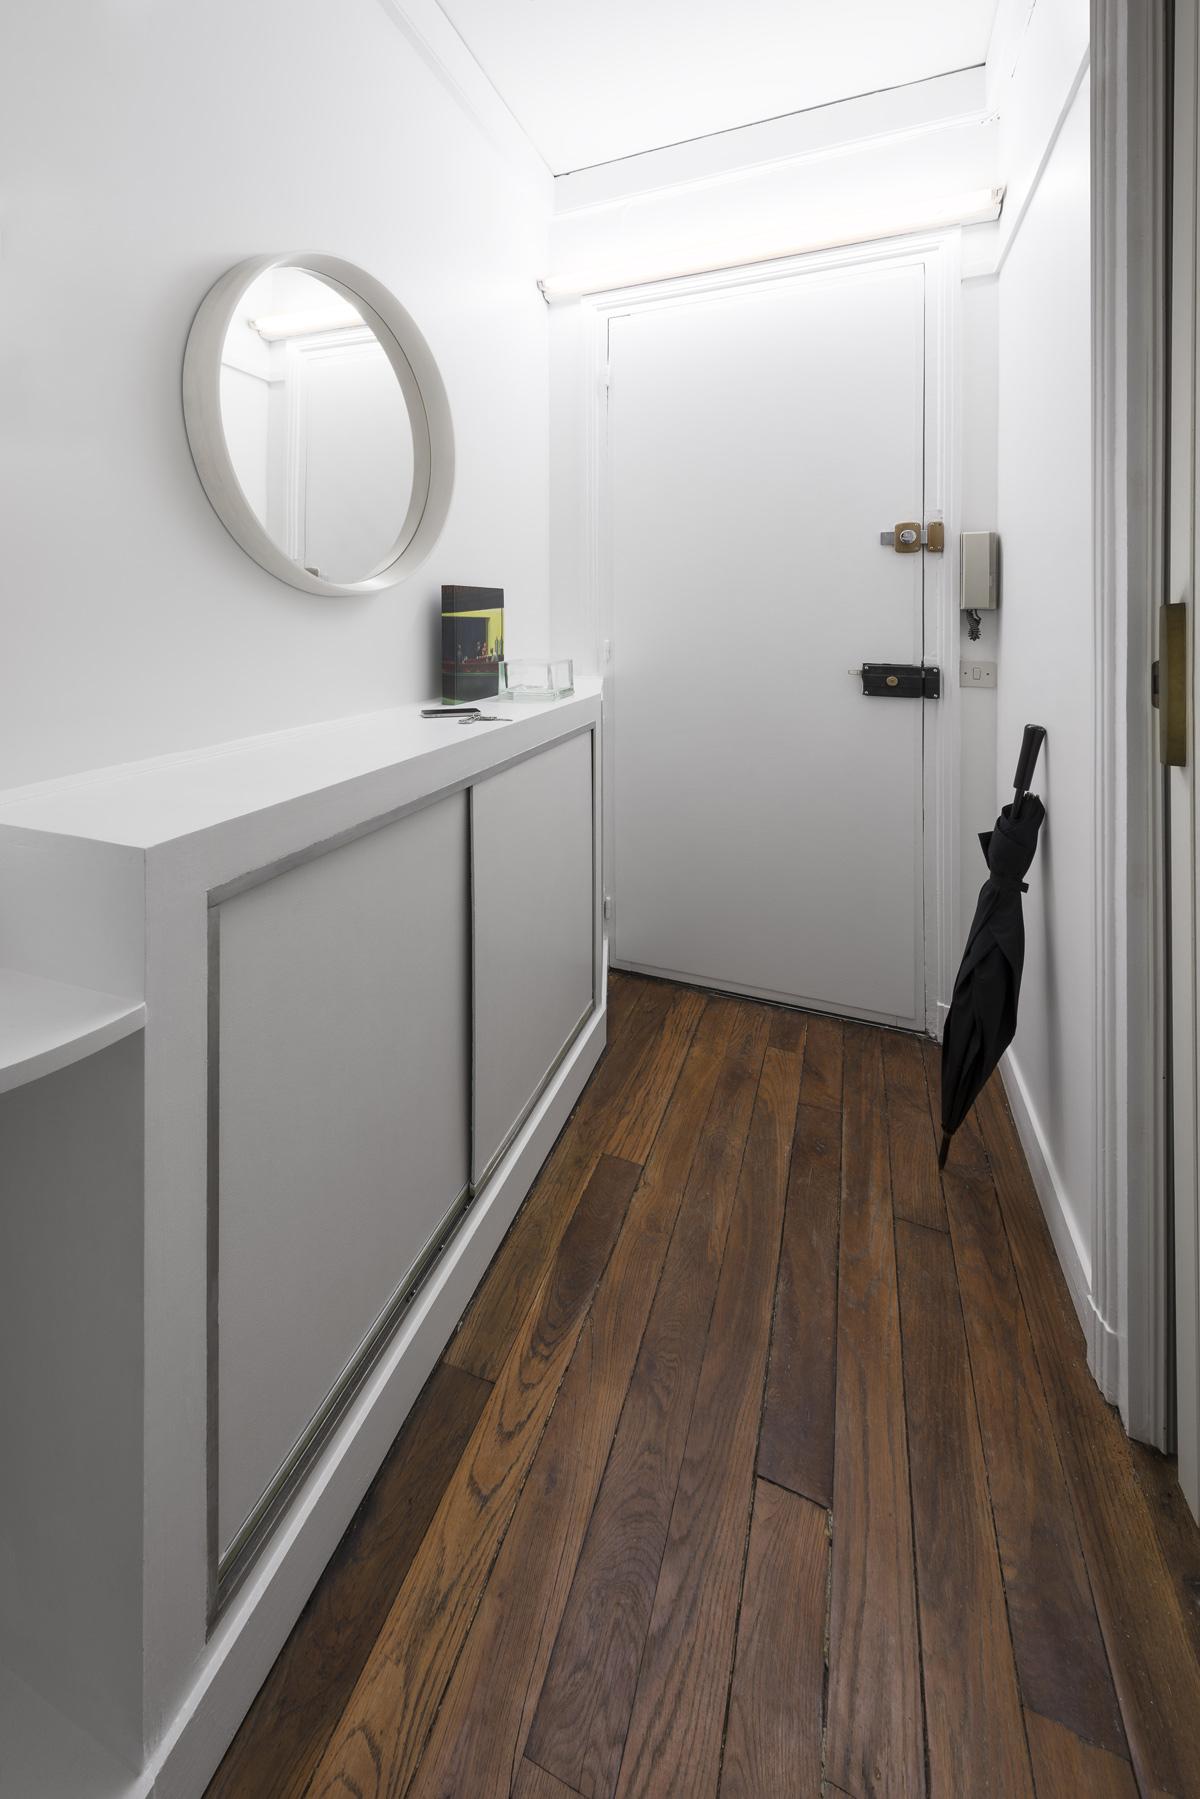 Entrée, couloir, rénovation appartement, vide-poches